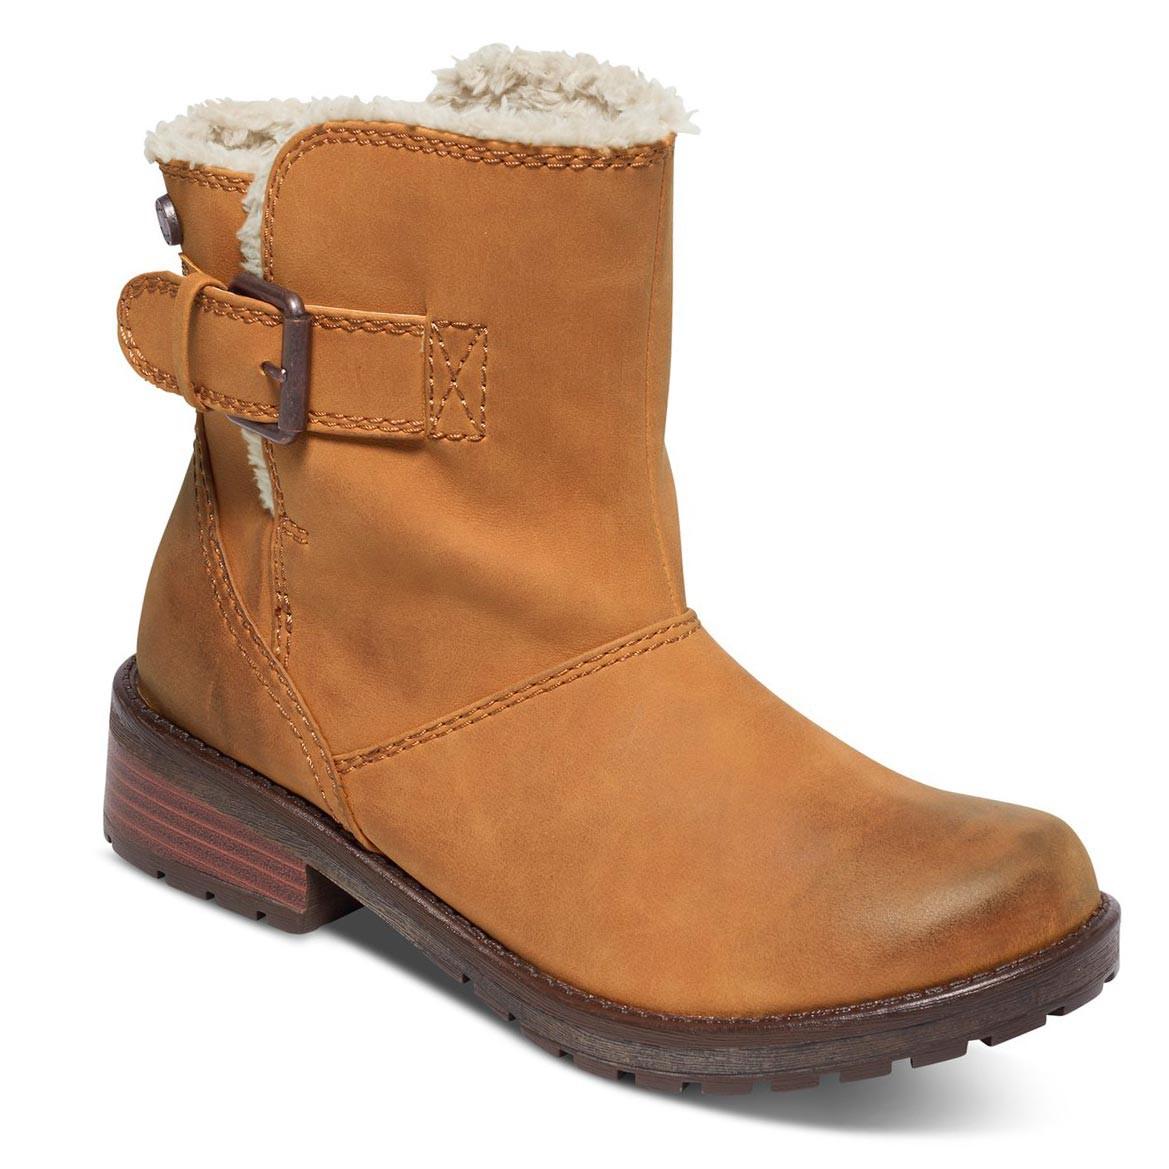 Zimní boty Roxy Castro tan